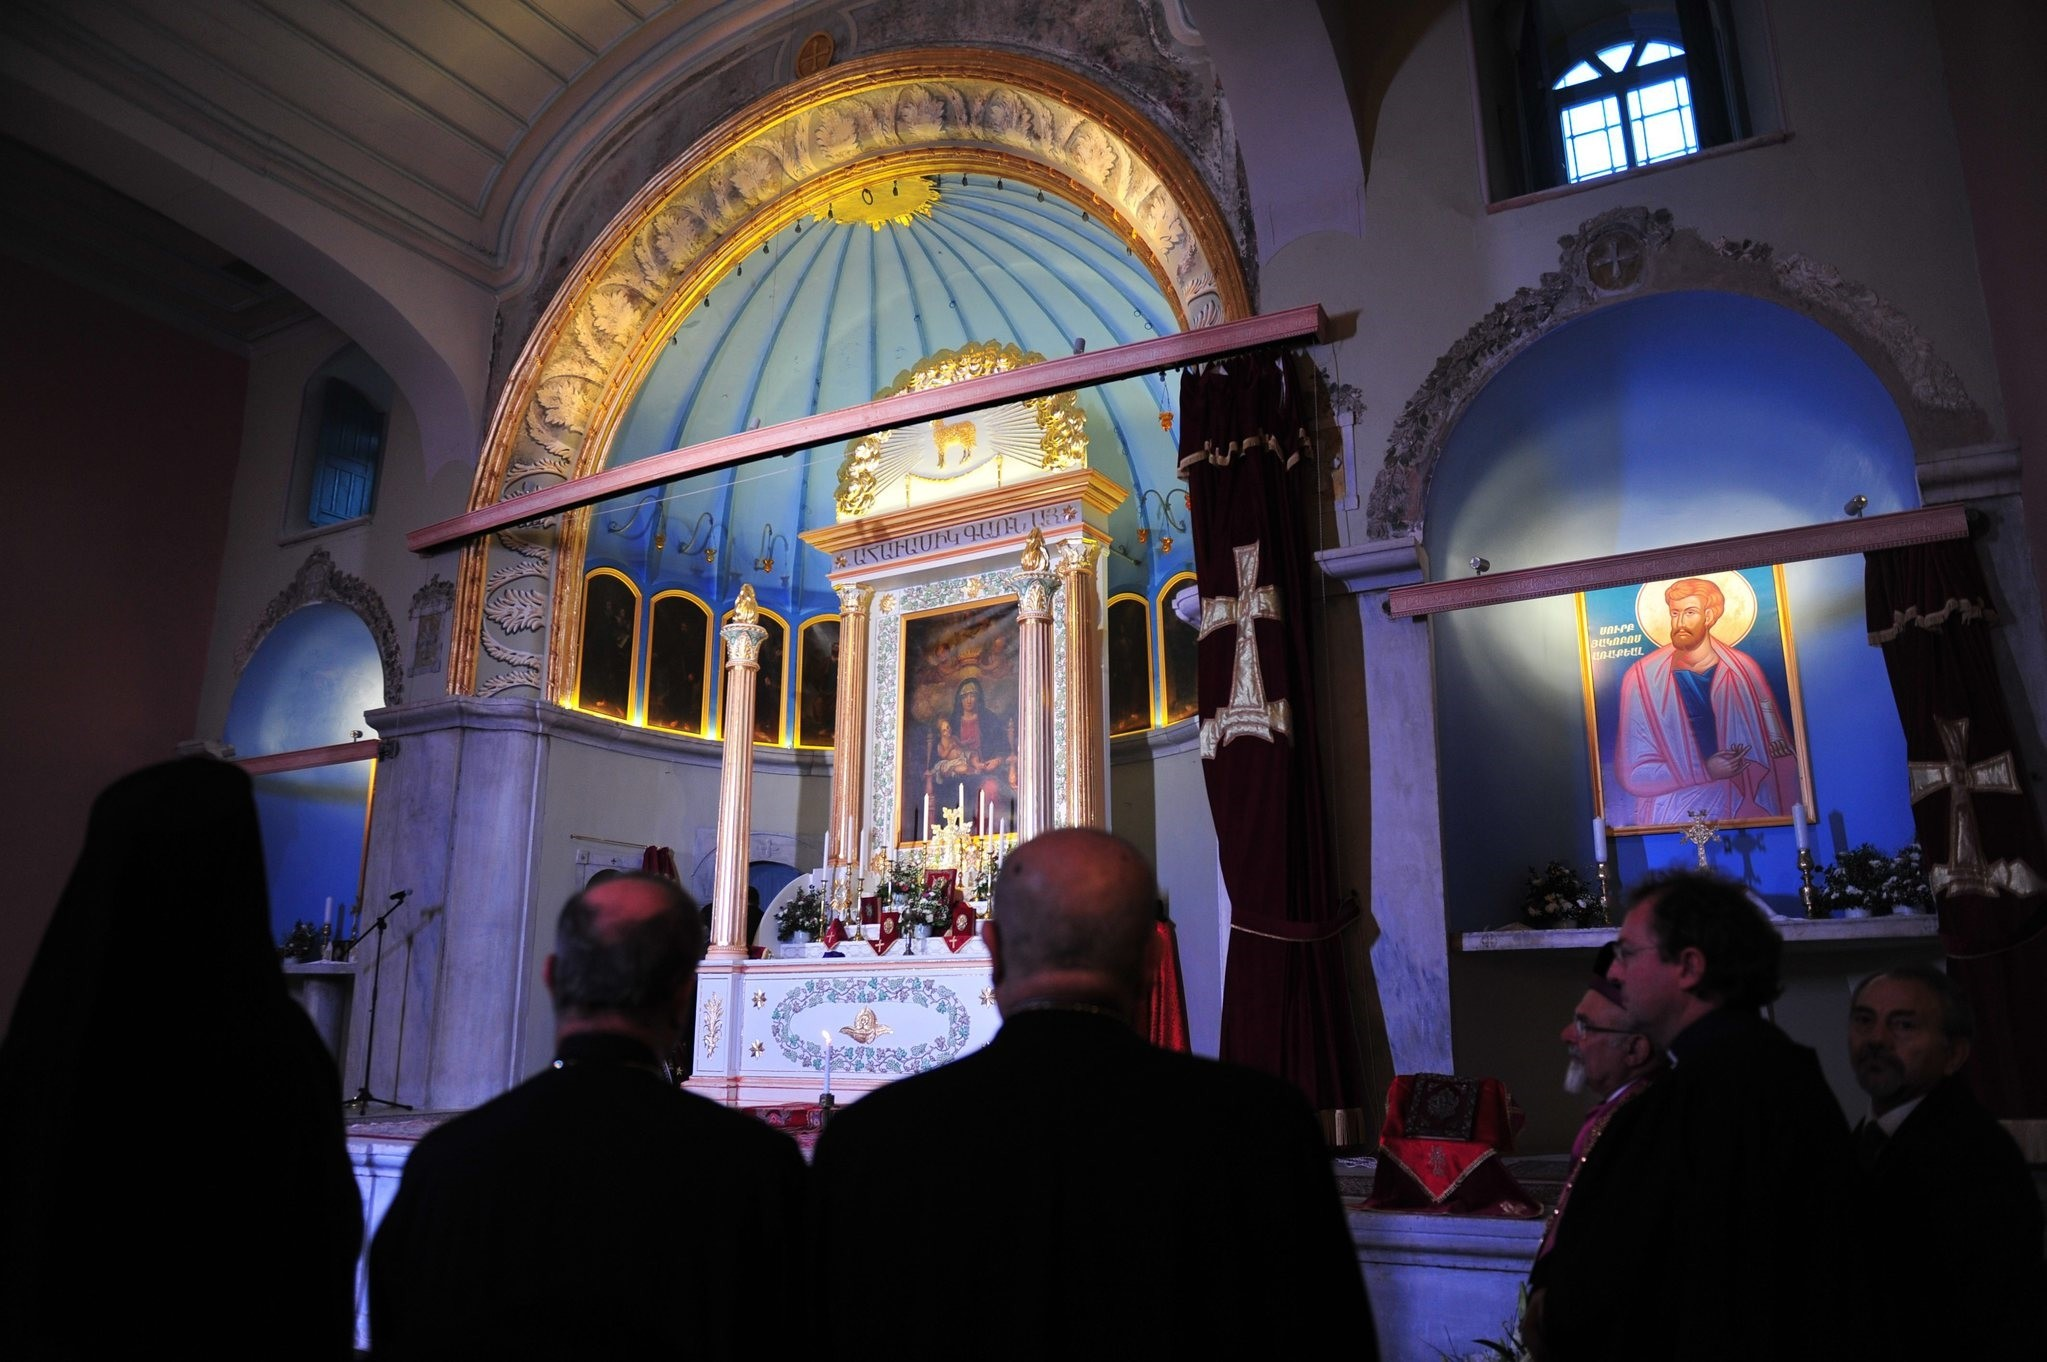 Believers pray during a mass at the Surpu00a0Vortvotsu00a0Vorodman, an Armenianu00a0Churchu00a0in the Kumpapu0131 district of Istanbul.